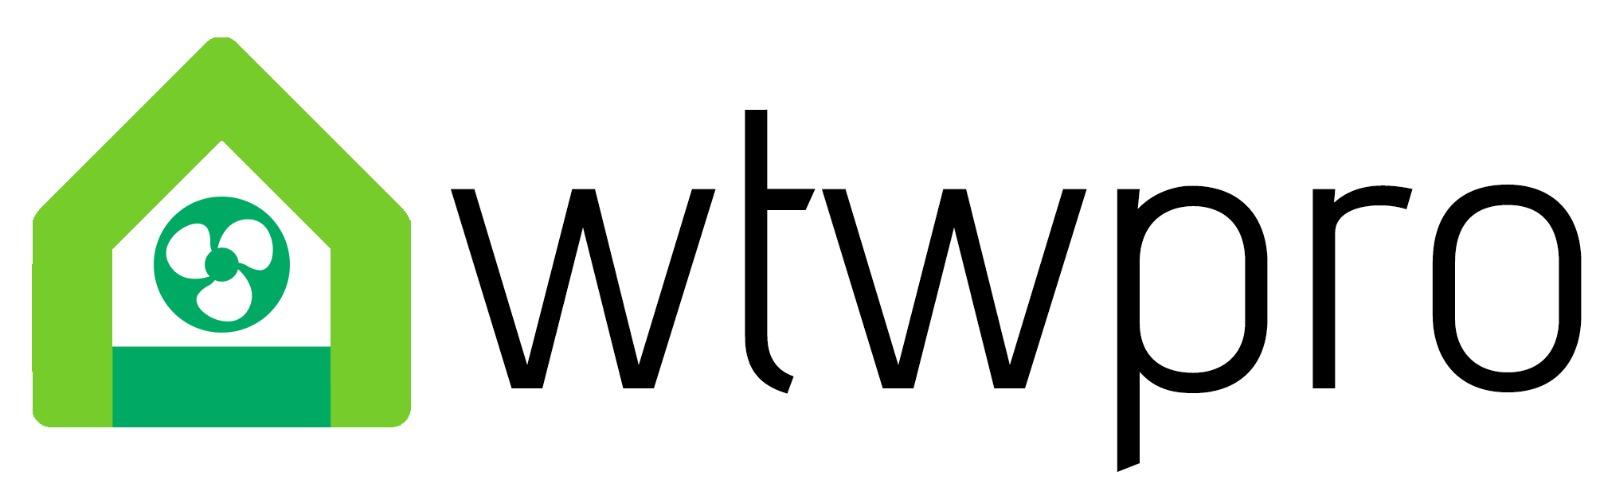 Wtwpro.nl – De #1 WTW specialist van Nederland